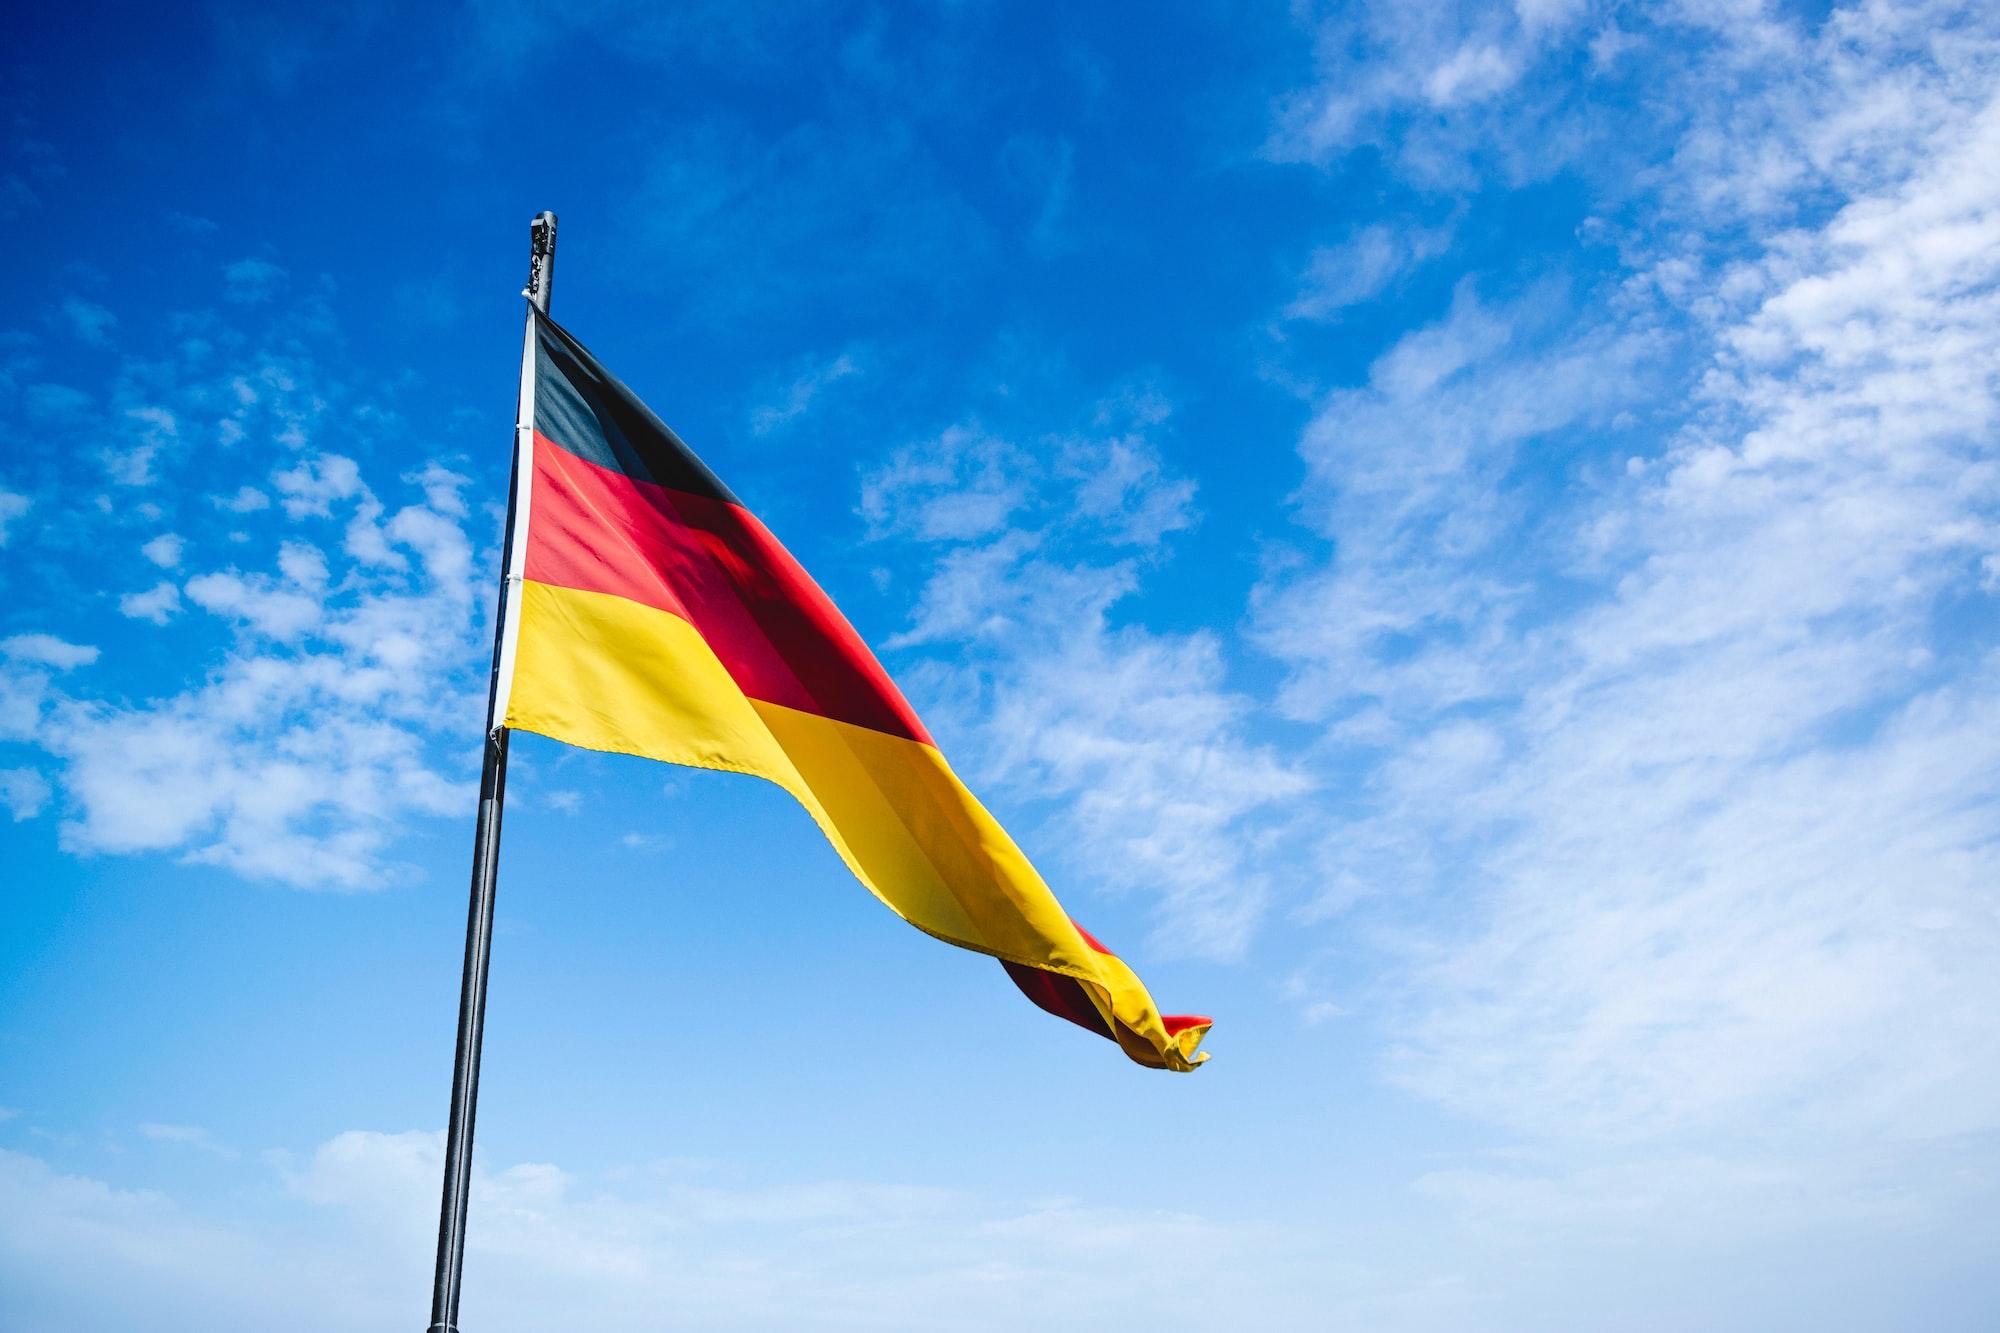 ไม่ยอมล้าหลัง เยอรมันเผยร่างกฎหมายสินทรัพย์ Blockchain